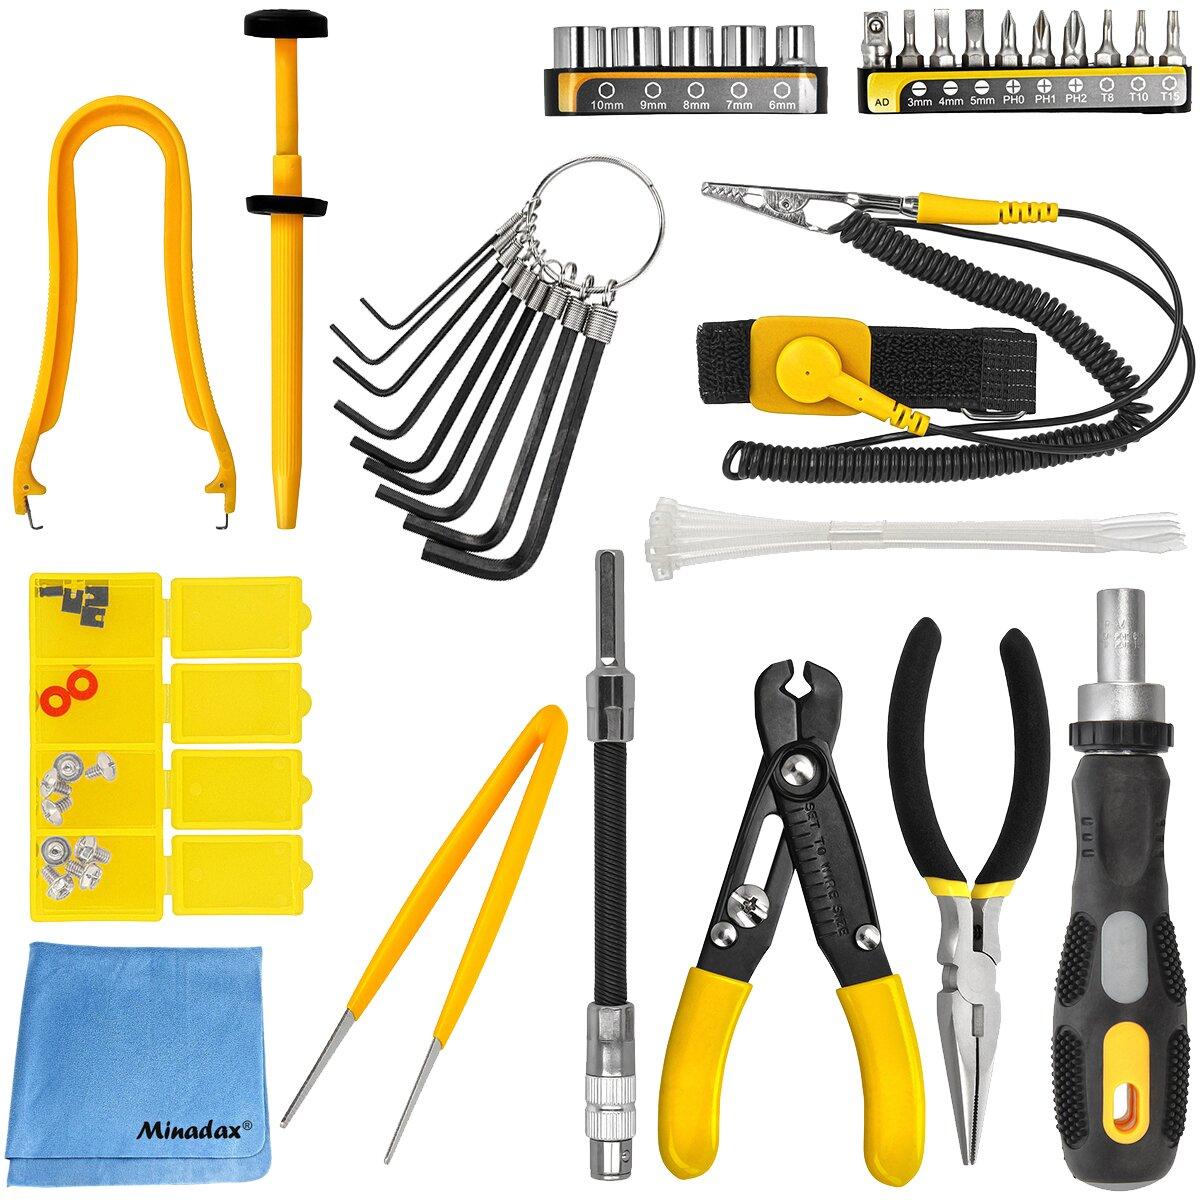 43 Stück PC Computer Reparatur und Werkzeugsatz im Werkzeugtasche von Maplin